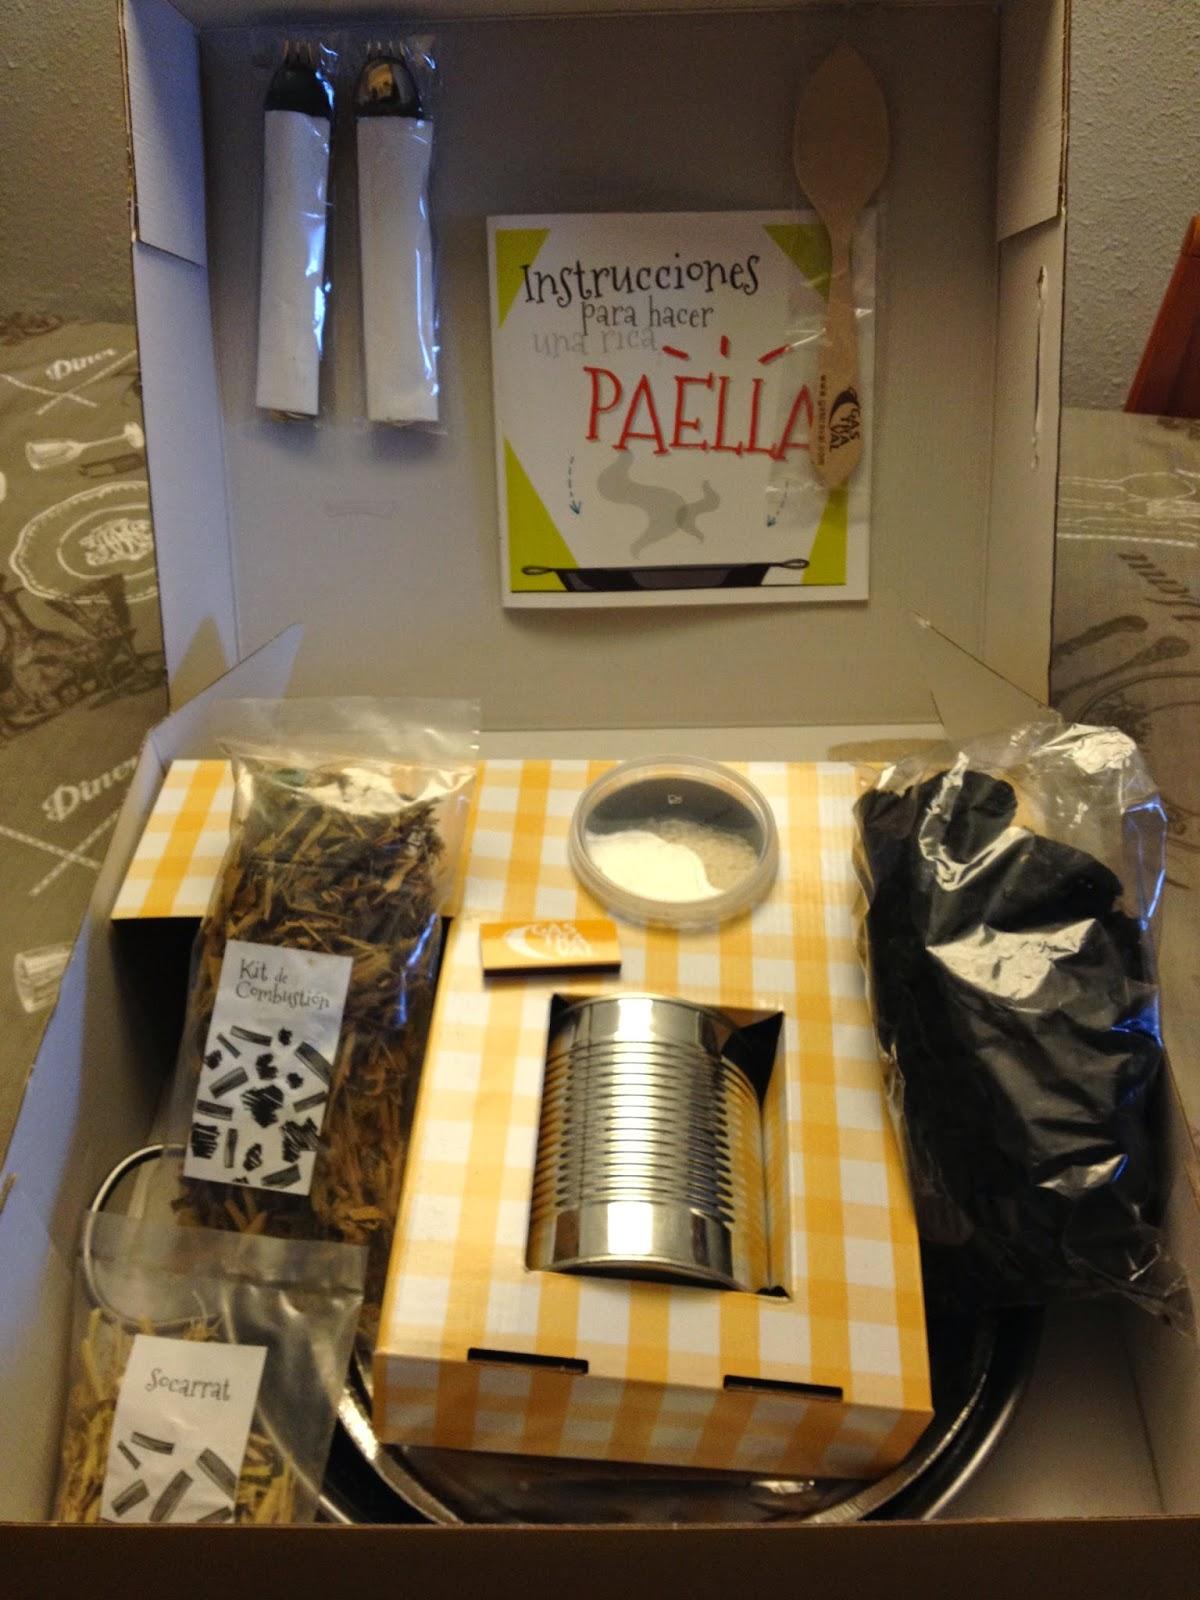 Productos gastraval kit barbacoa paella valenciana y paella marinera recetas de cocina - Cocina con sara paella ...